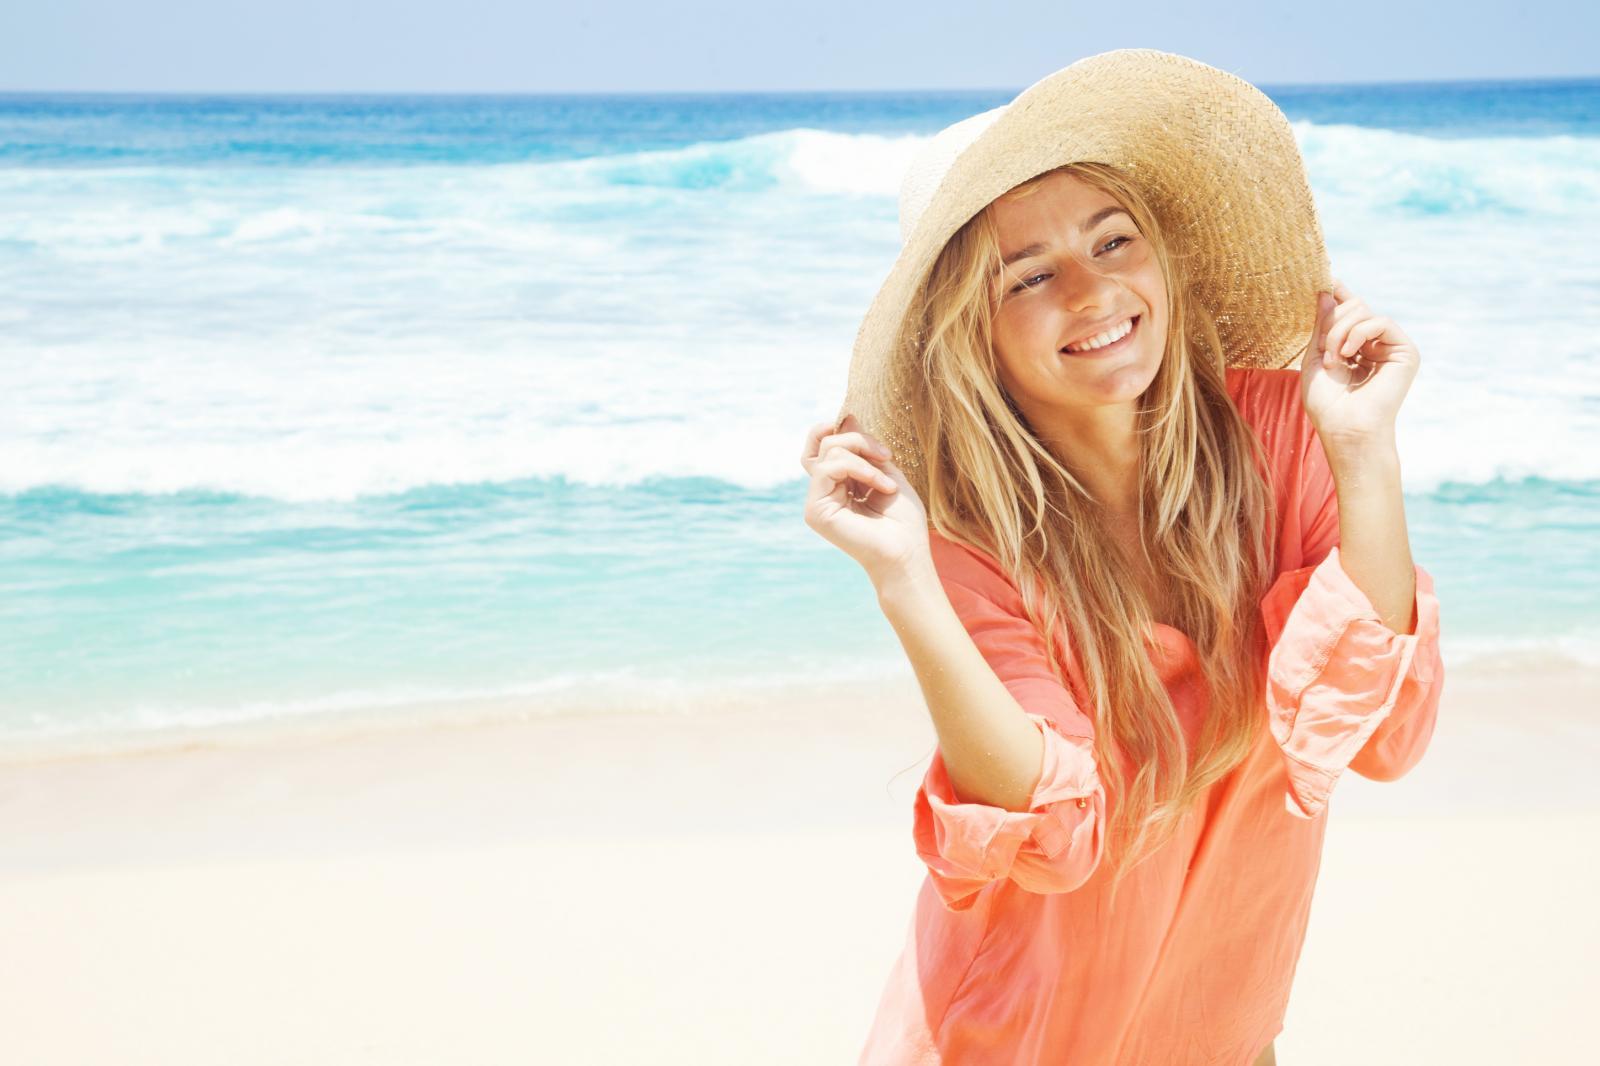 Netko će ovog ljeta doista uživati u ljetovanju bez naočala :)